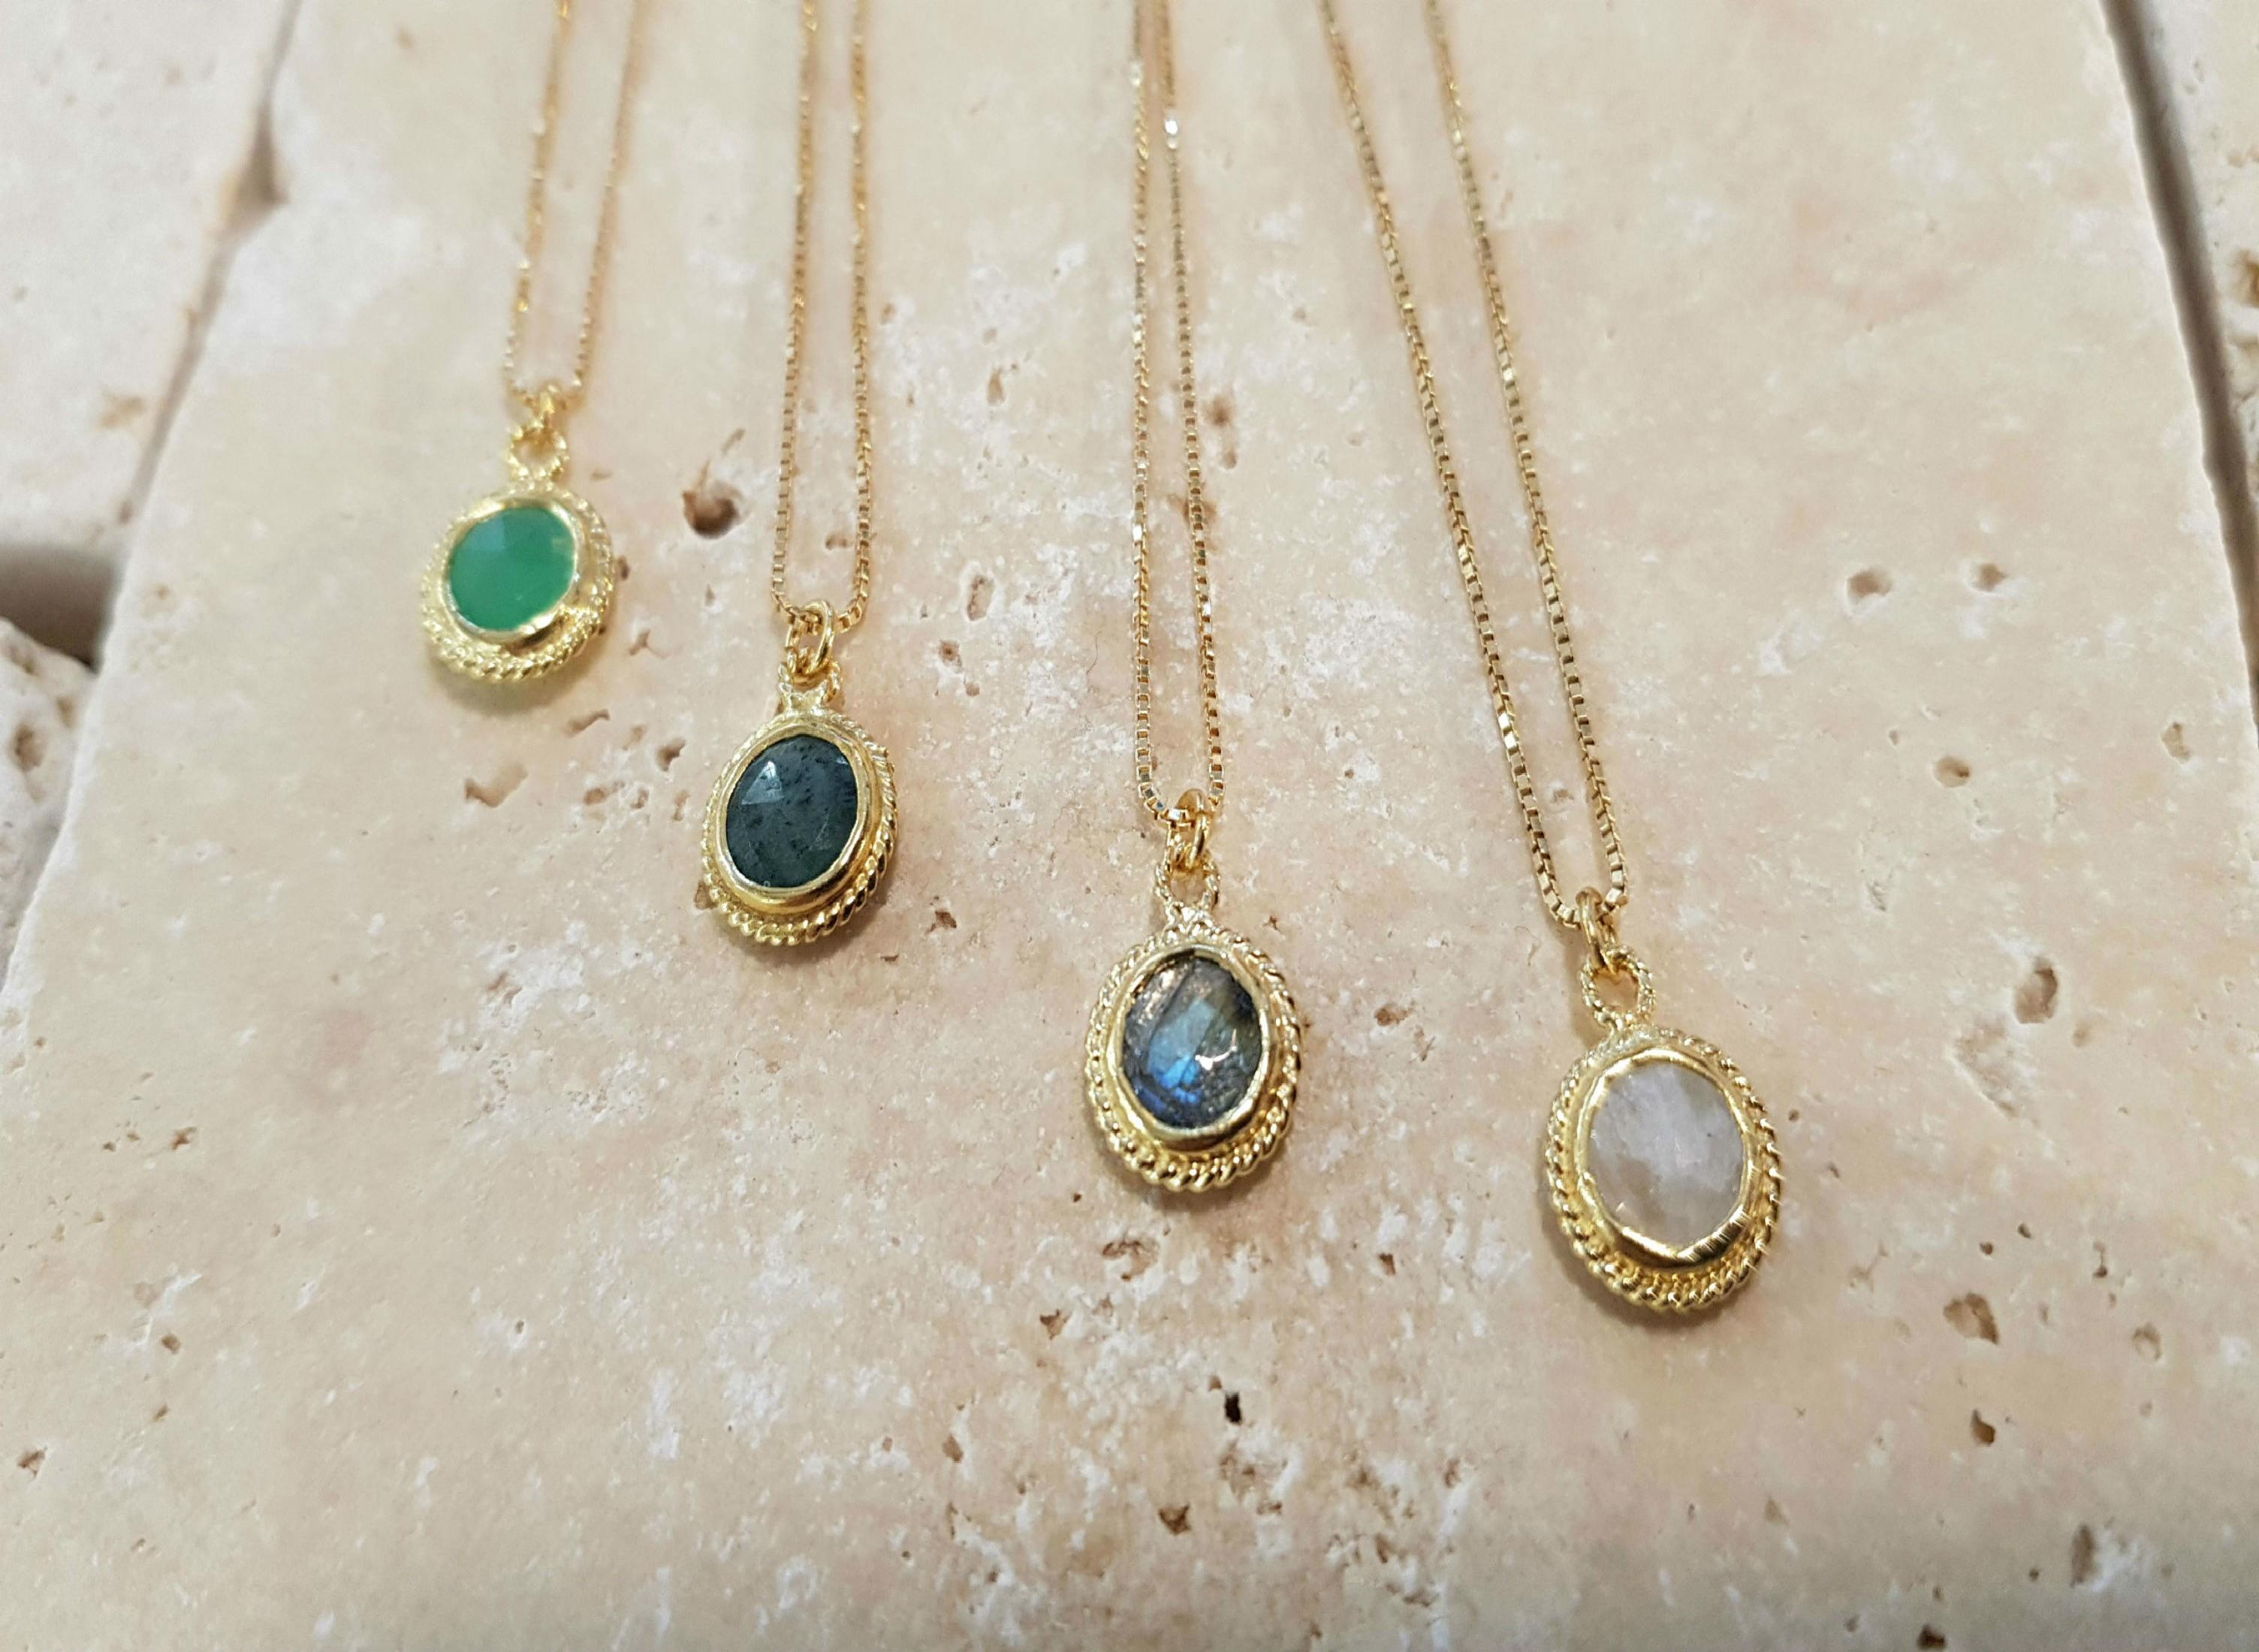 mode attrayante bons plans sur la mode grande vente My Little Bijou, bijoux de créateurs - My Little Bijou